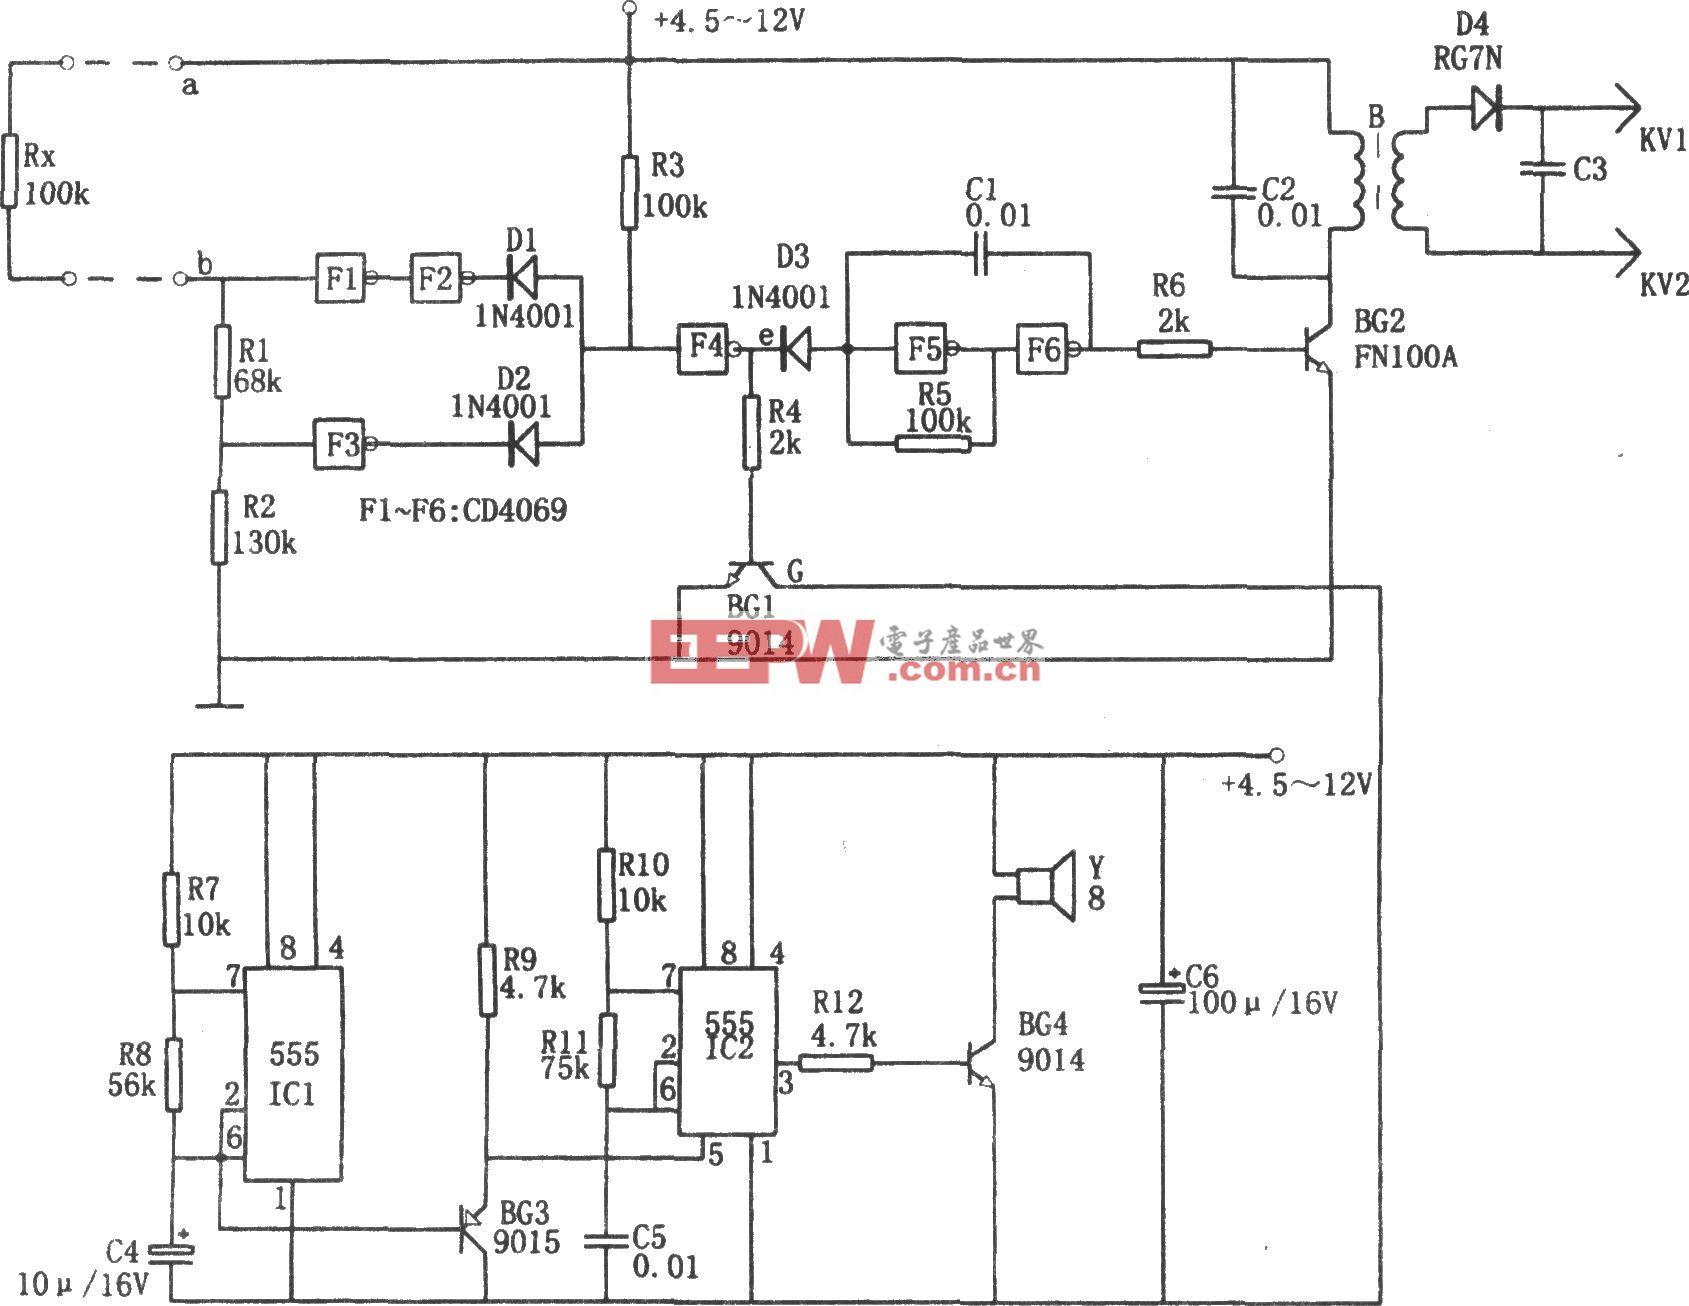 高压密码防护报警器(555、CD4069)